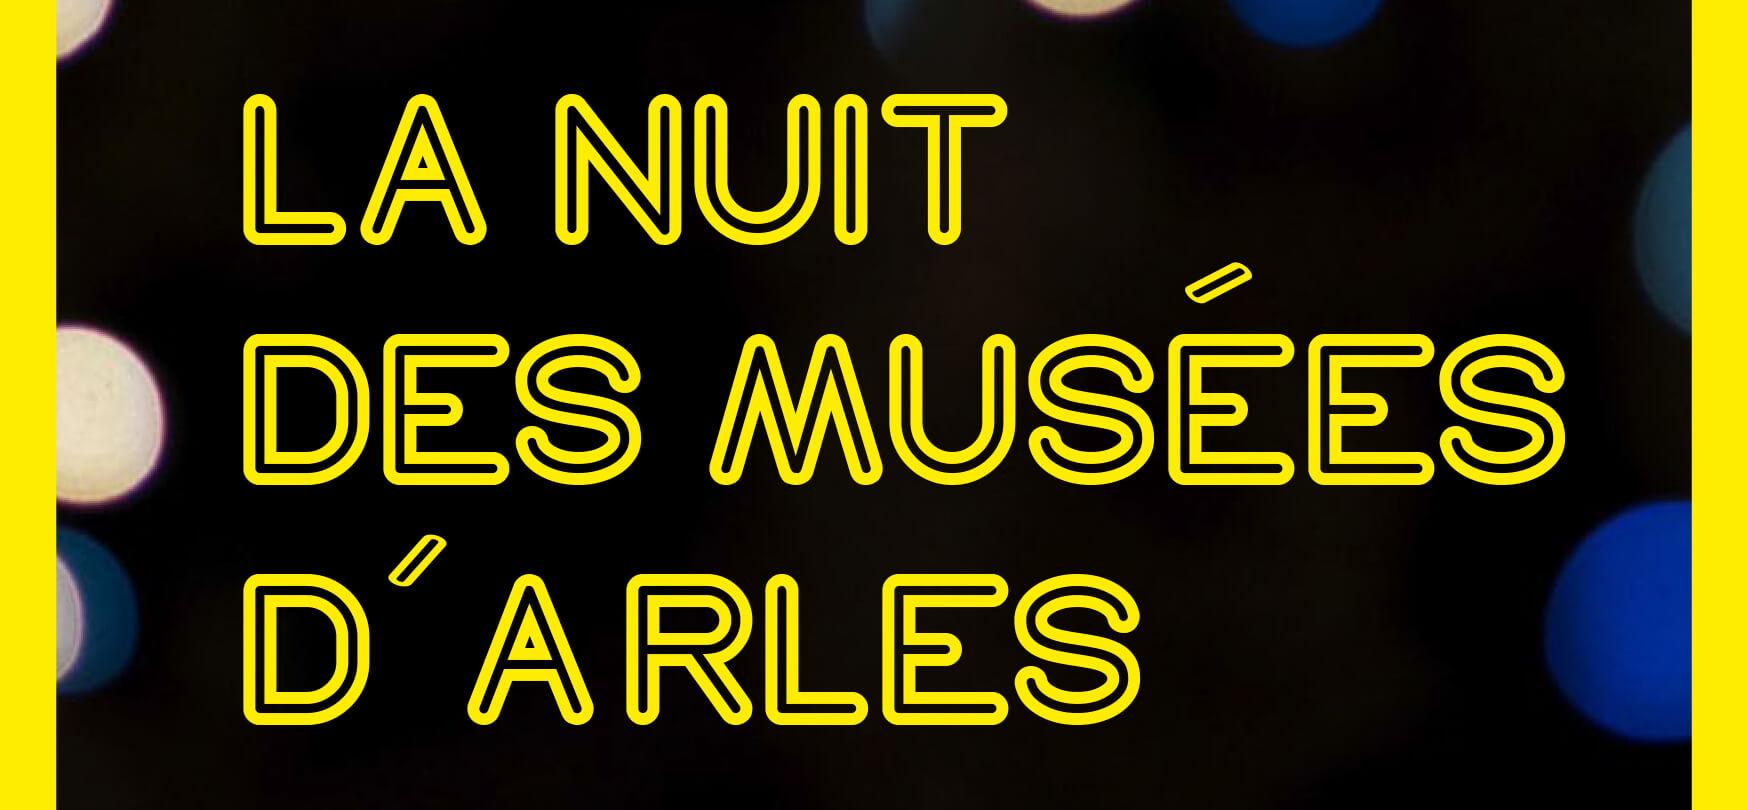 la nuit des musées arles mai 2019 agenda